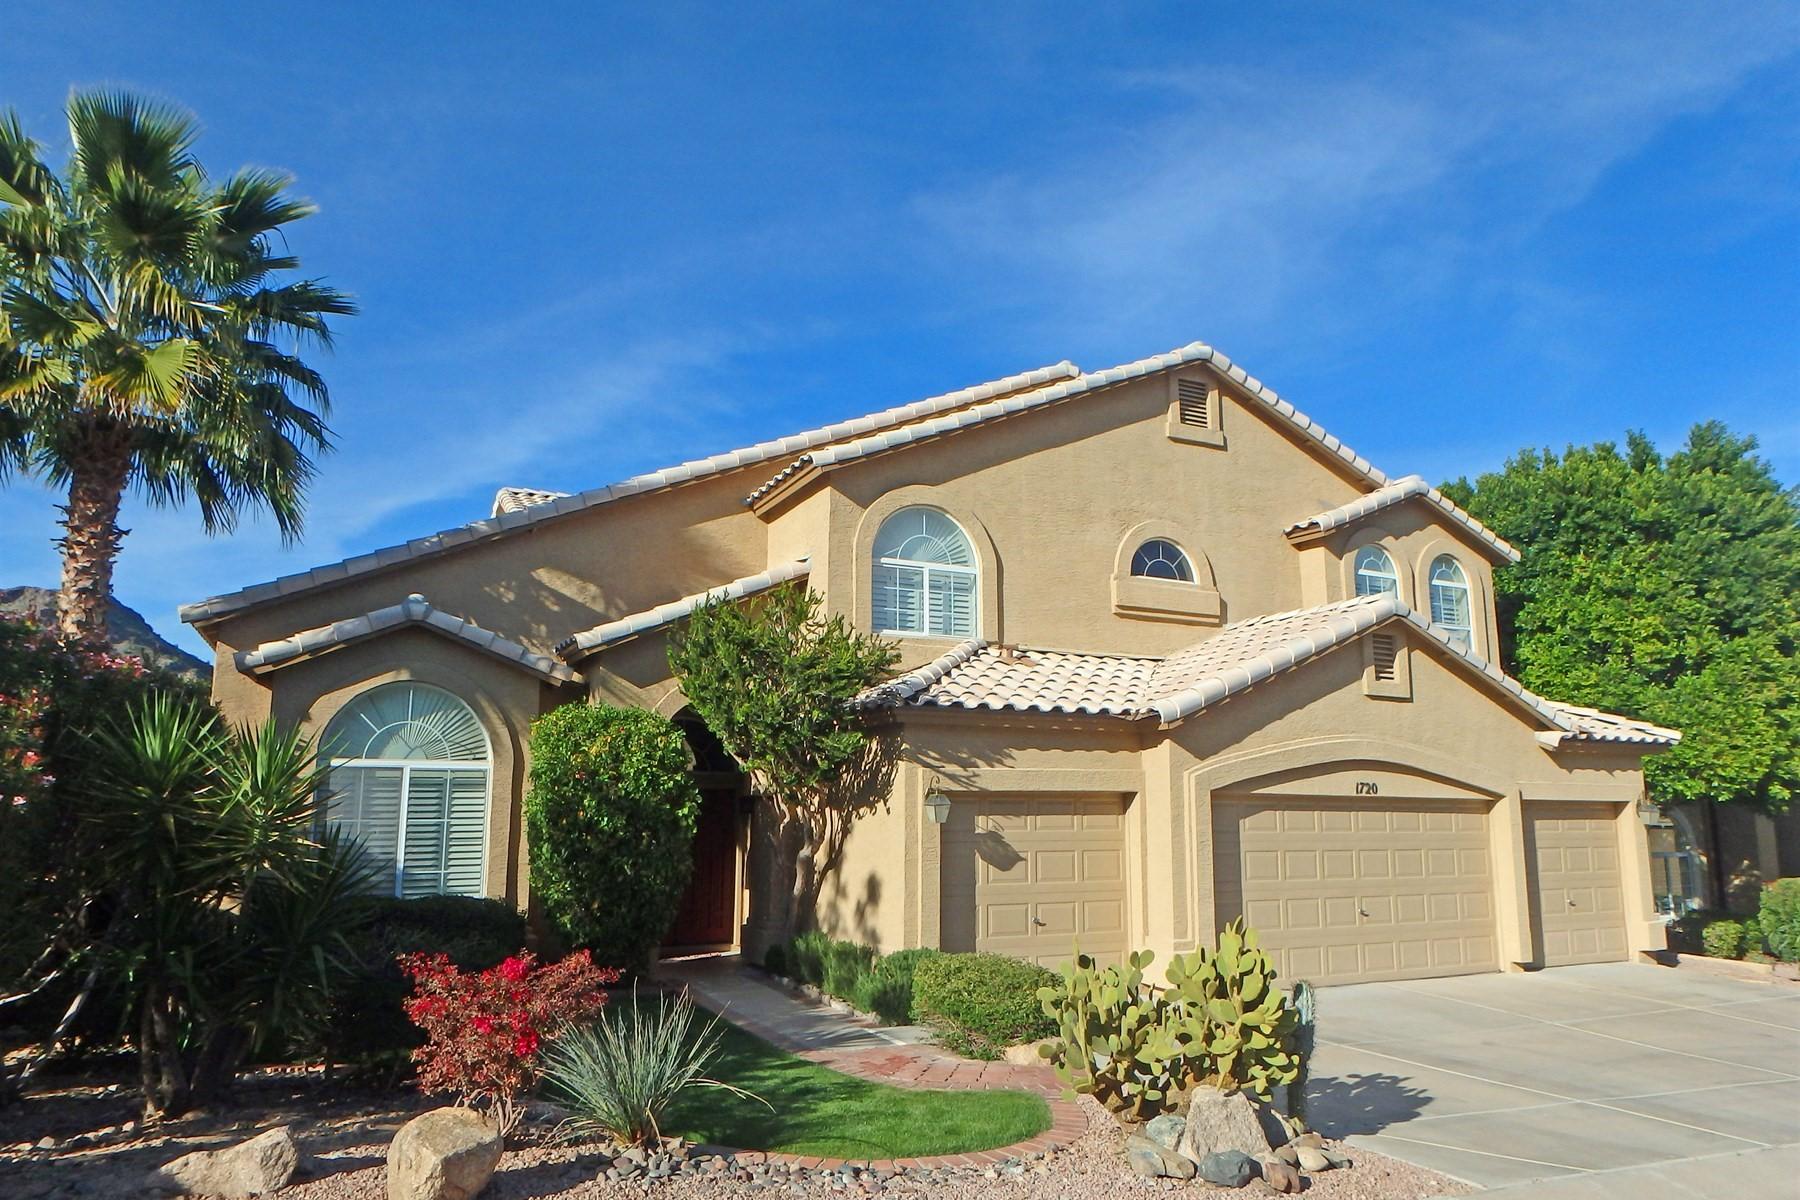 Casa Unifamiliar por un Venta en Remarkable home in Pointe Mountainside 1720 E Sheena Dr Phoenix, Arizona, 85022 Estados Unidos